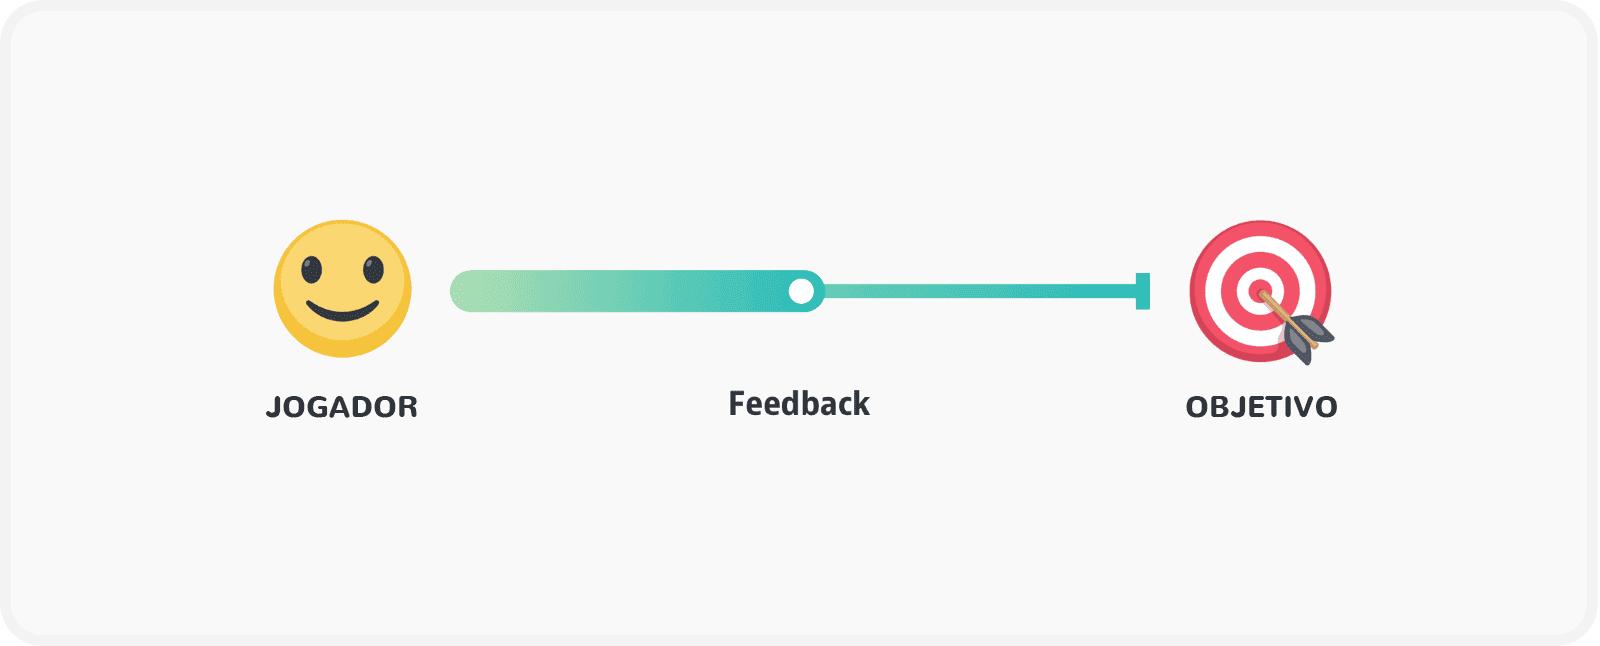 Introdução à gamificação: componente gamificação: feedback